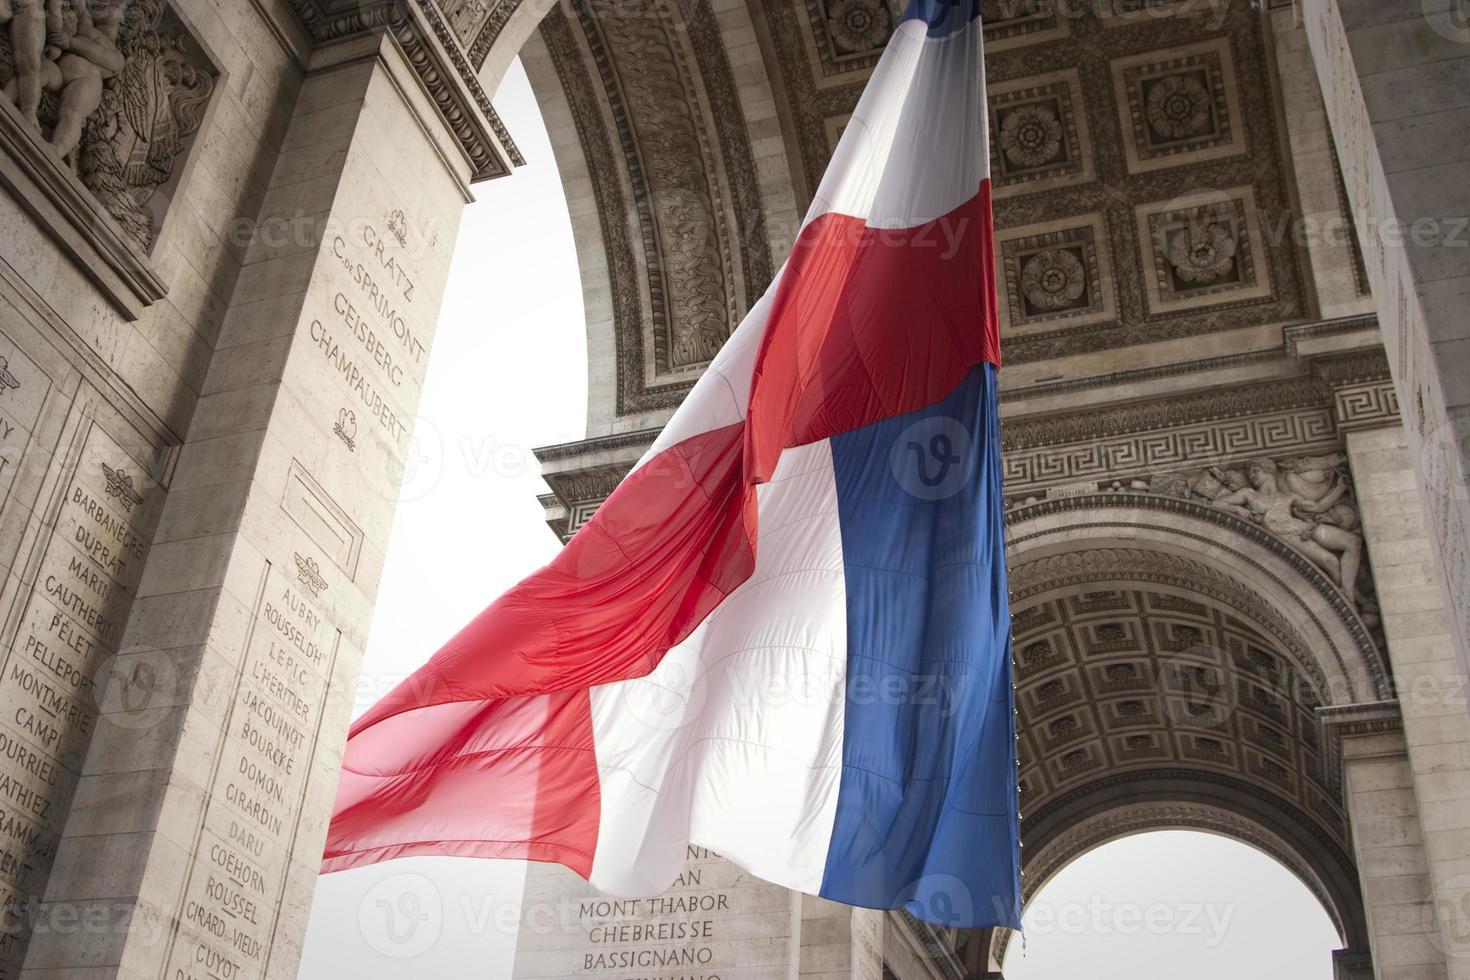 bandiera rossa bianca e blu che sventola sotto un grande arco foto